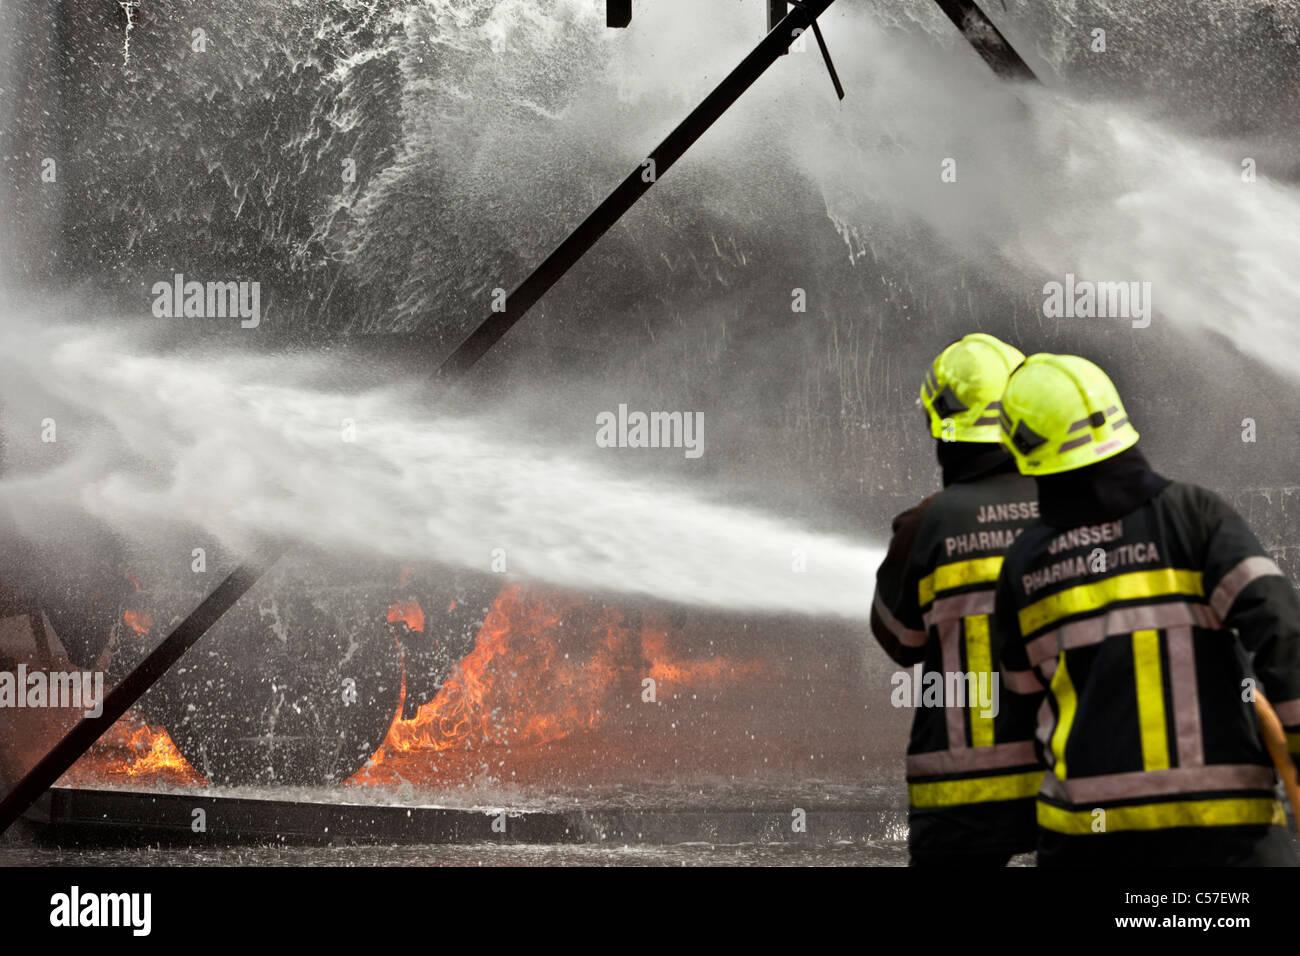 The Netherlands, Rotterdam, Multidisciplinary training center of Falck emergency. Fireman learning to extinguish - Stock Image